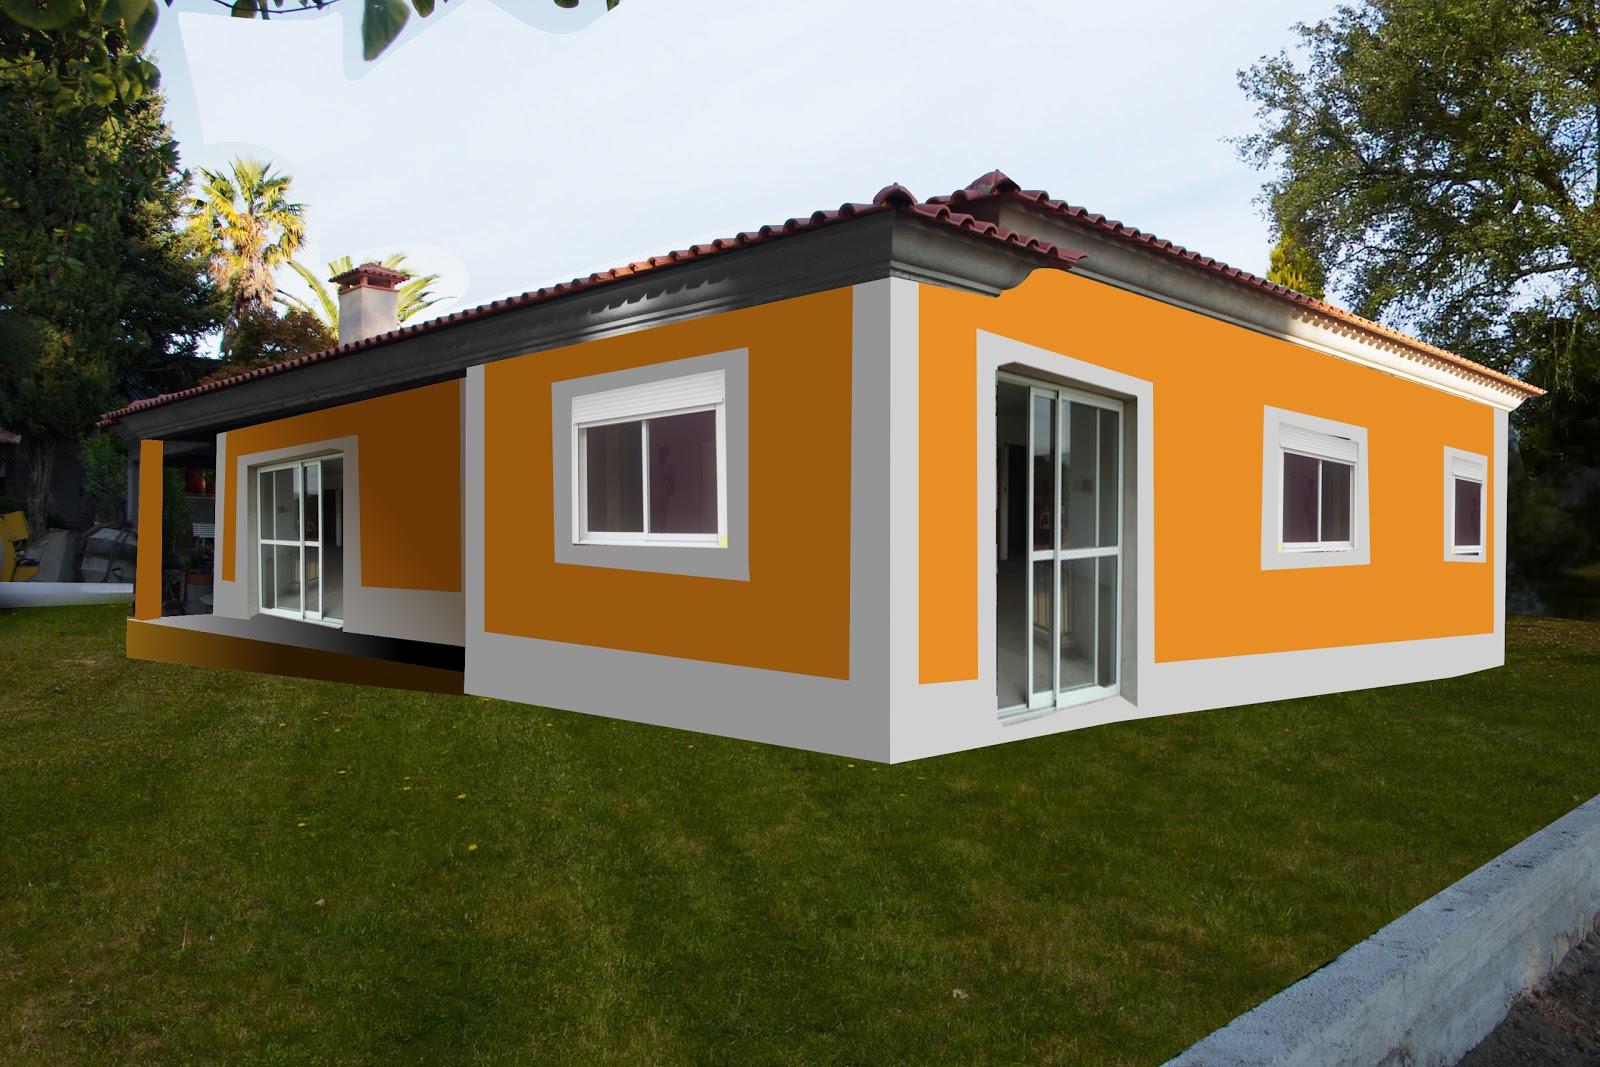 Dormitorio muebles modernos colores de pintura para exterior for Colores de pinturas para casas 2016